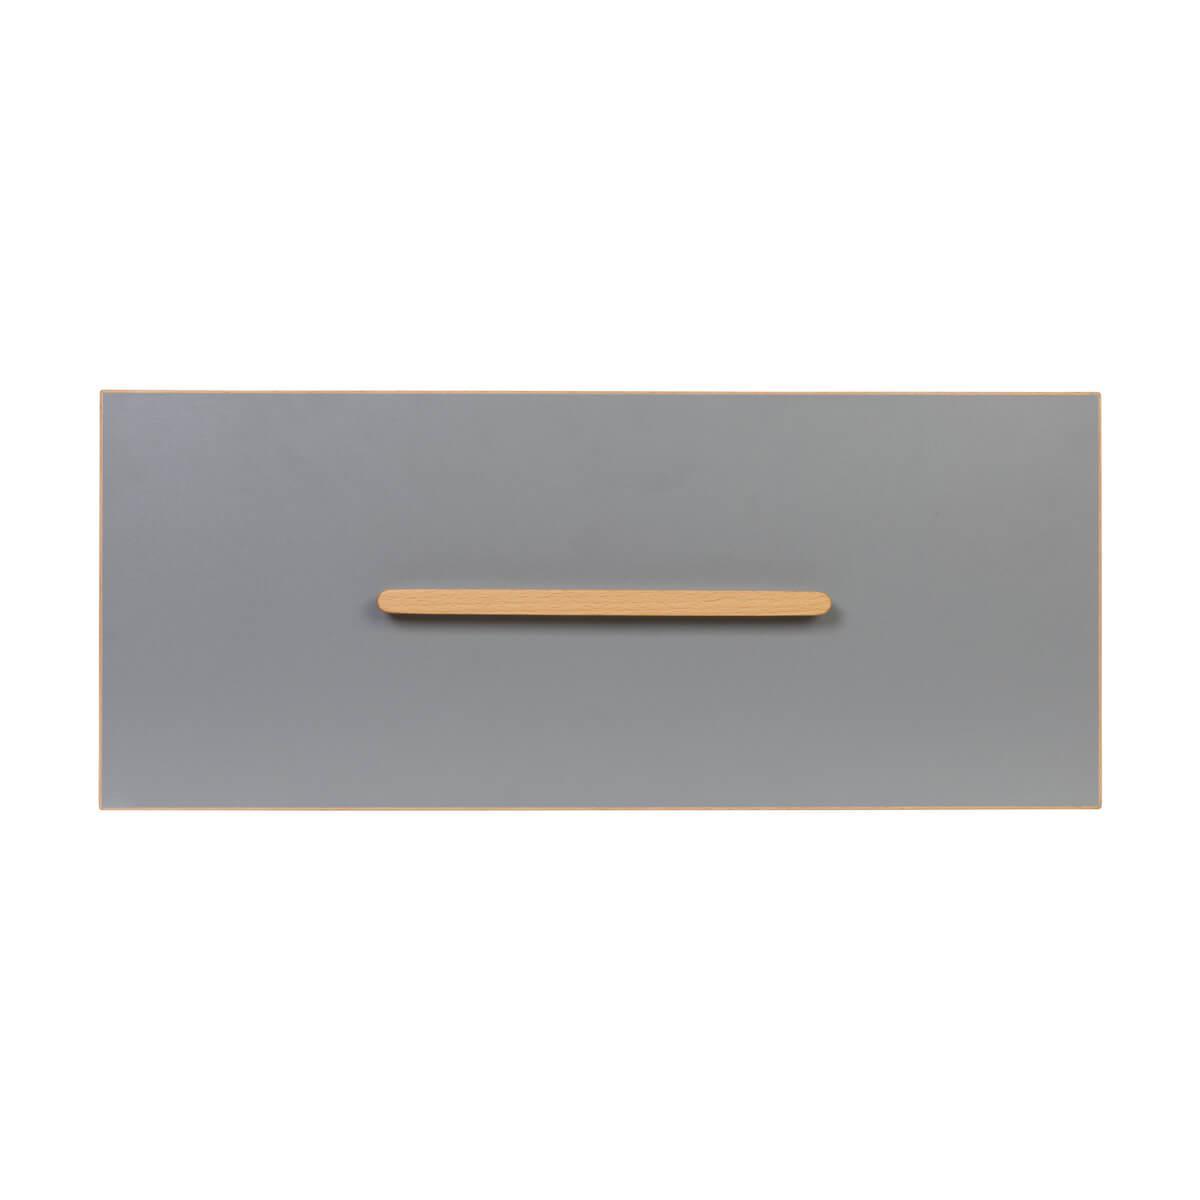 Frontal cajón NADO slate grey